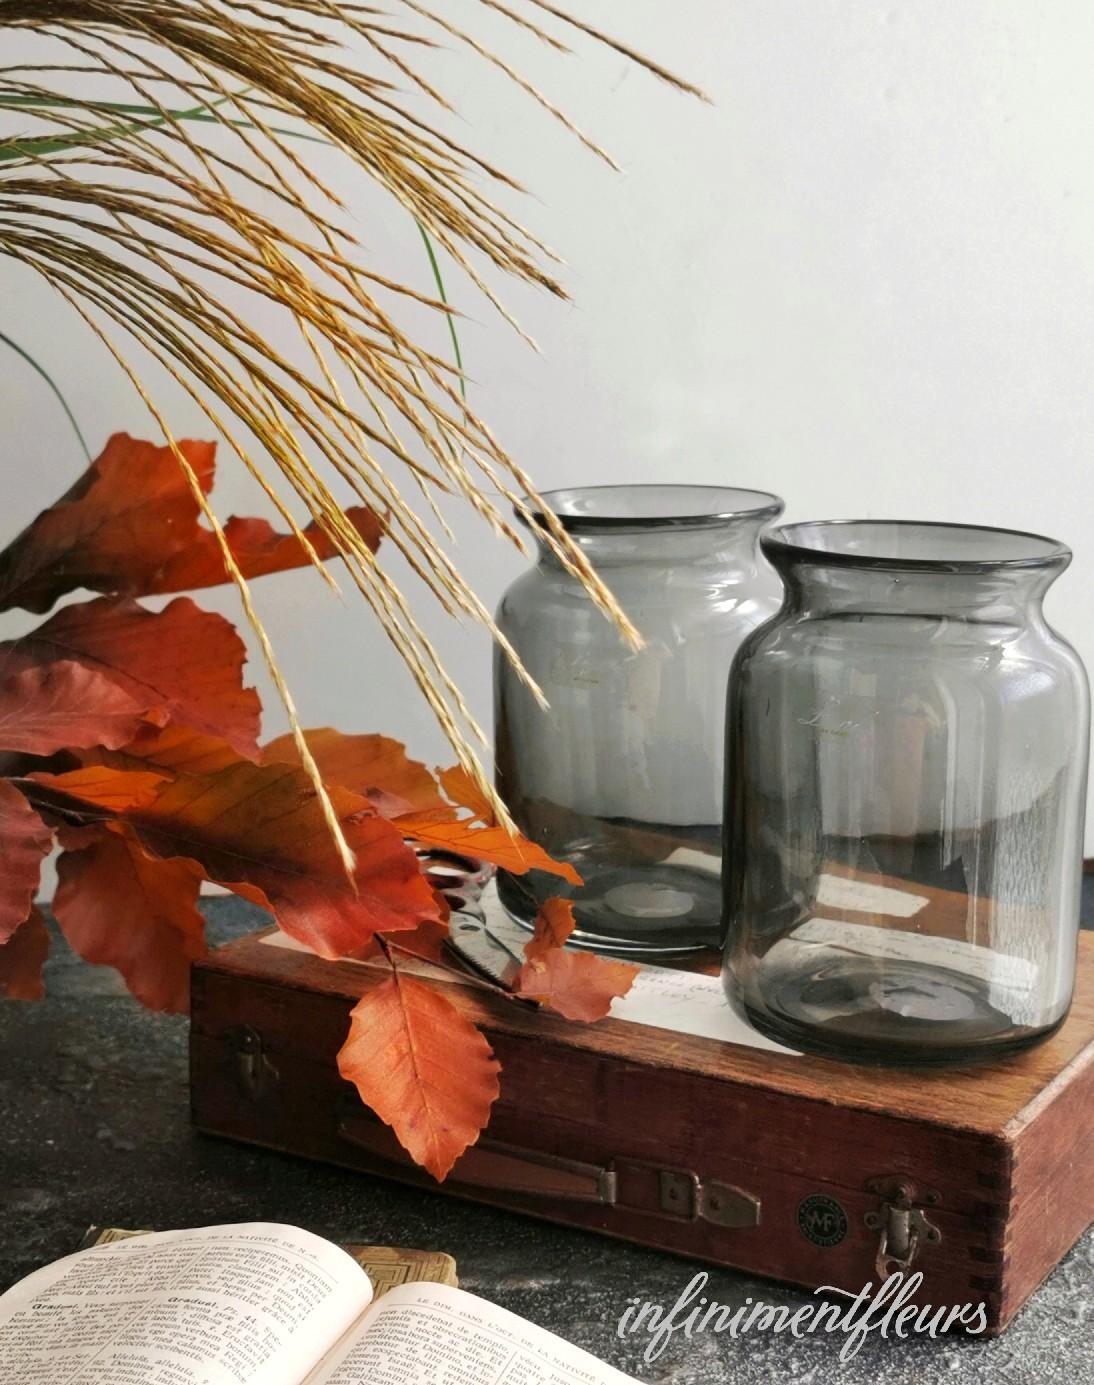 10/3㈯開催【Henry Deanの器とパリスタイルのお花】_c0382121_20263162.jpg